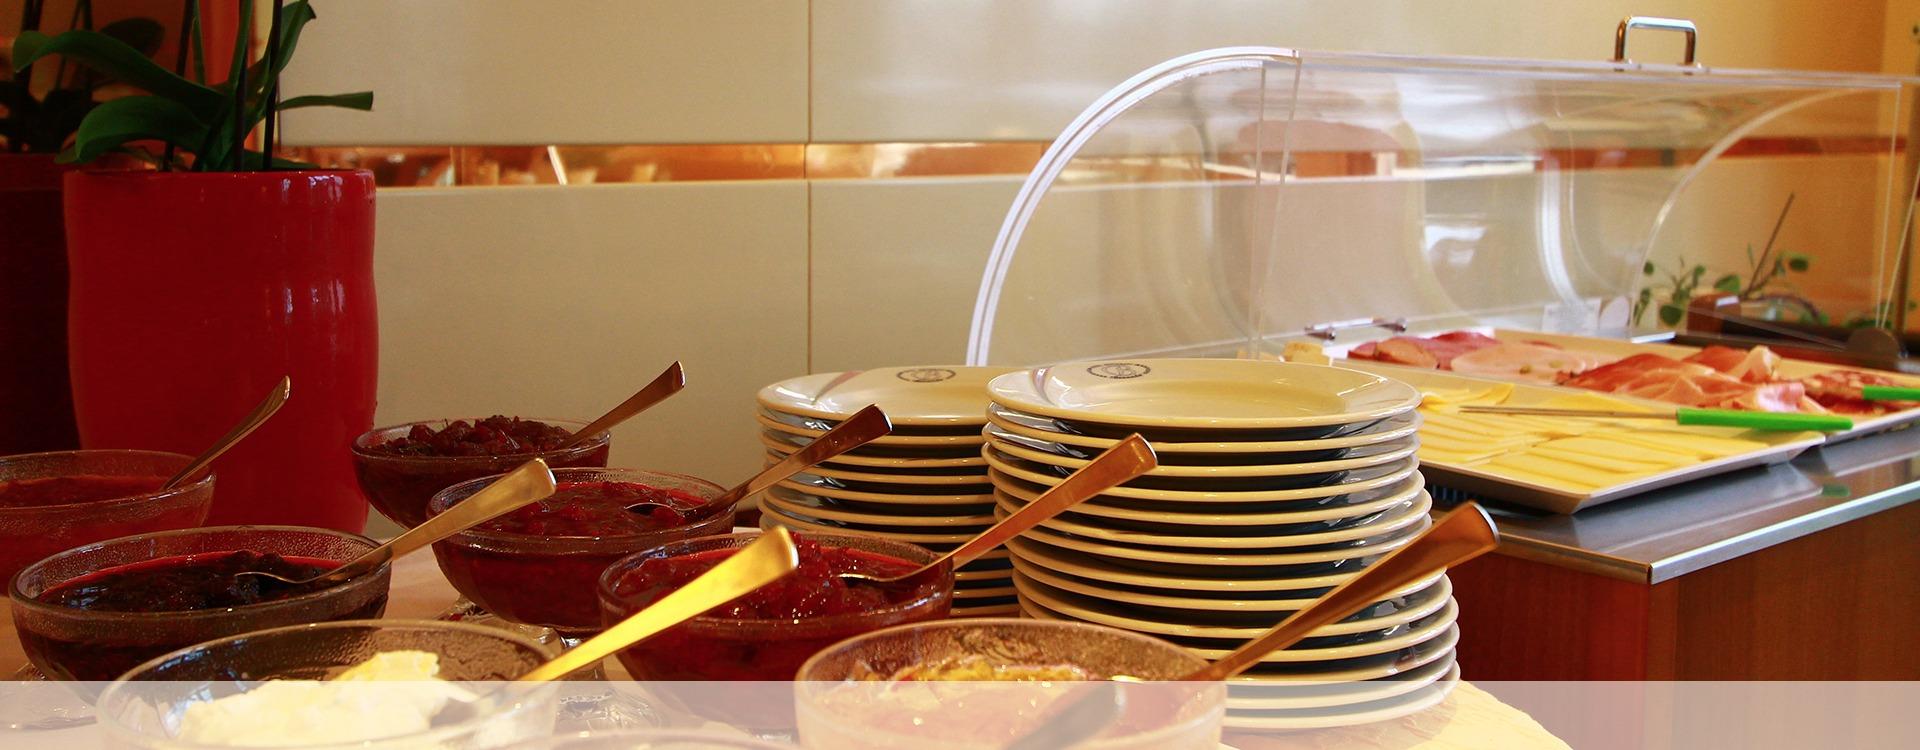 Frühstücksbuffet im Hotel in Eichenau